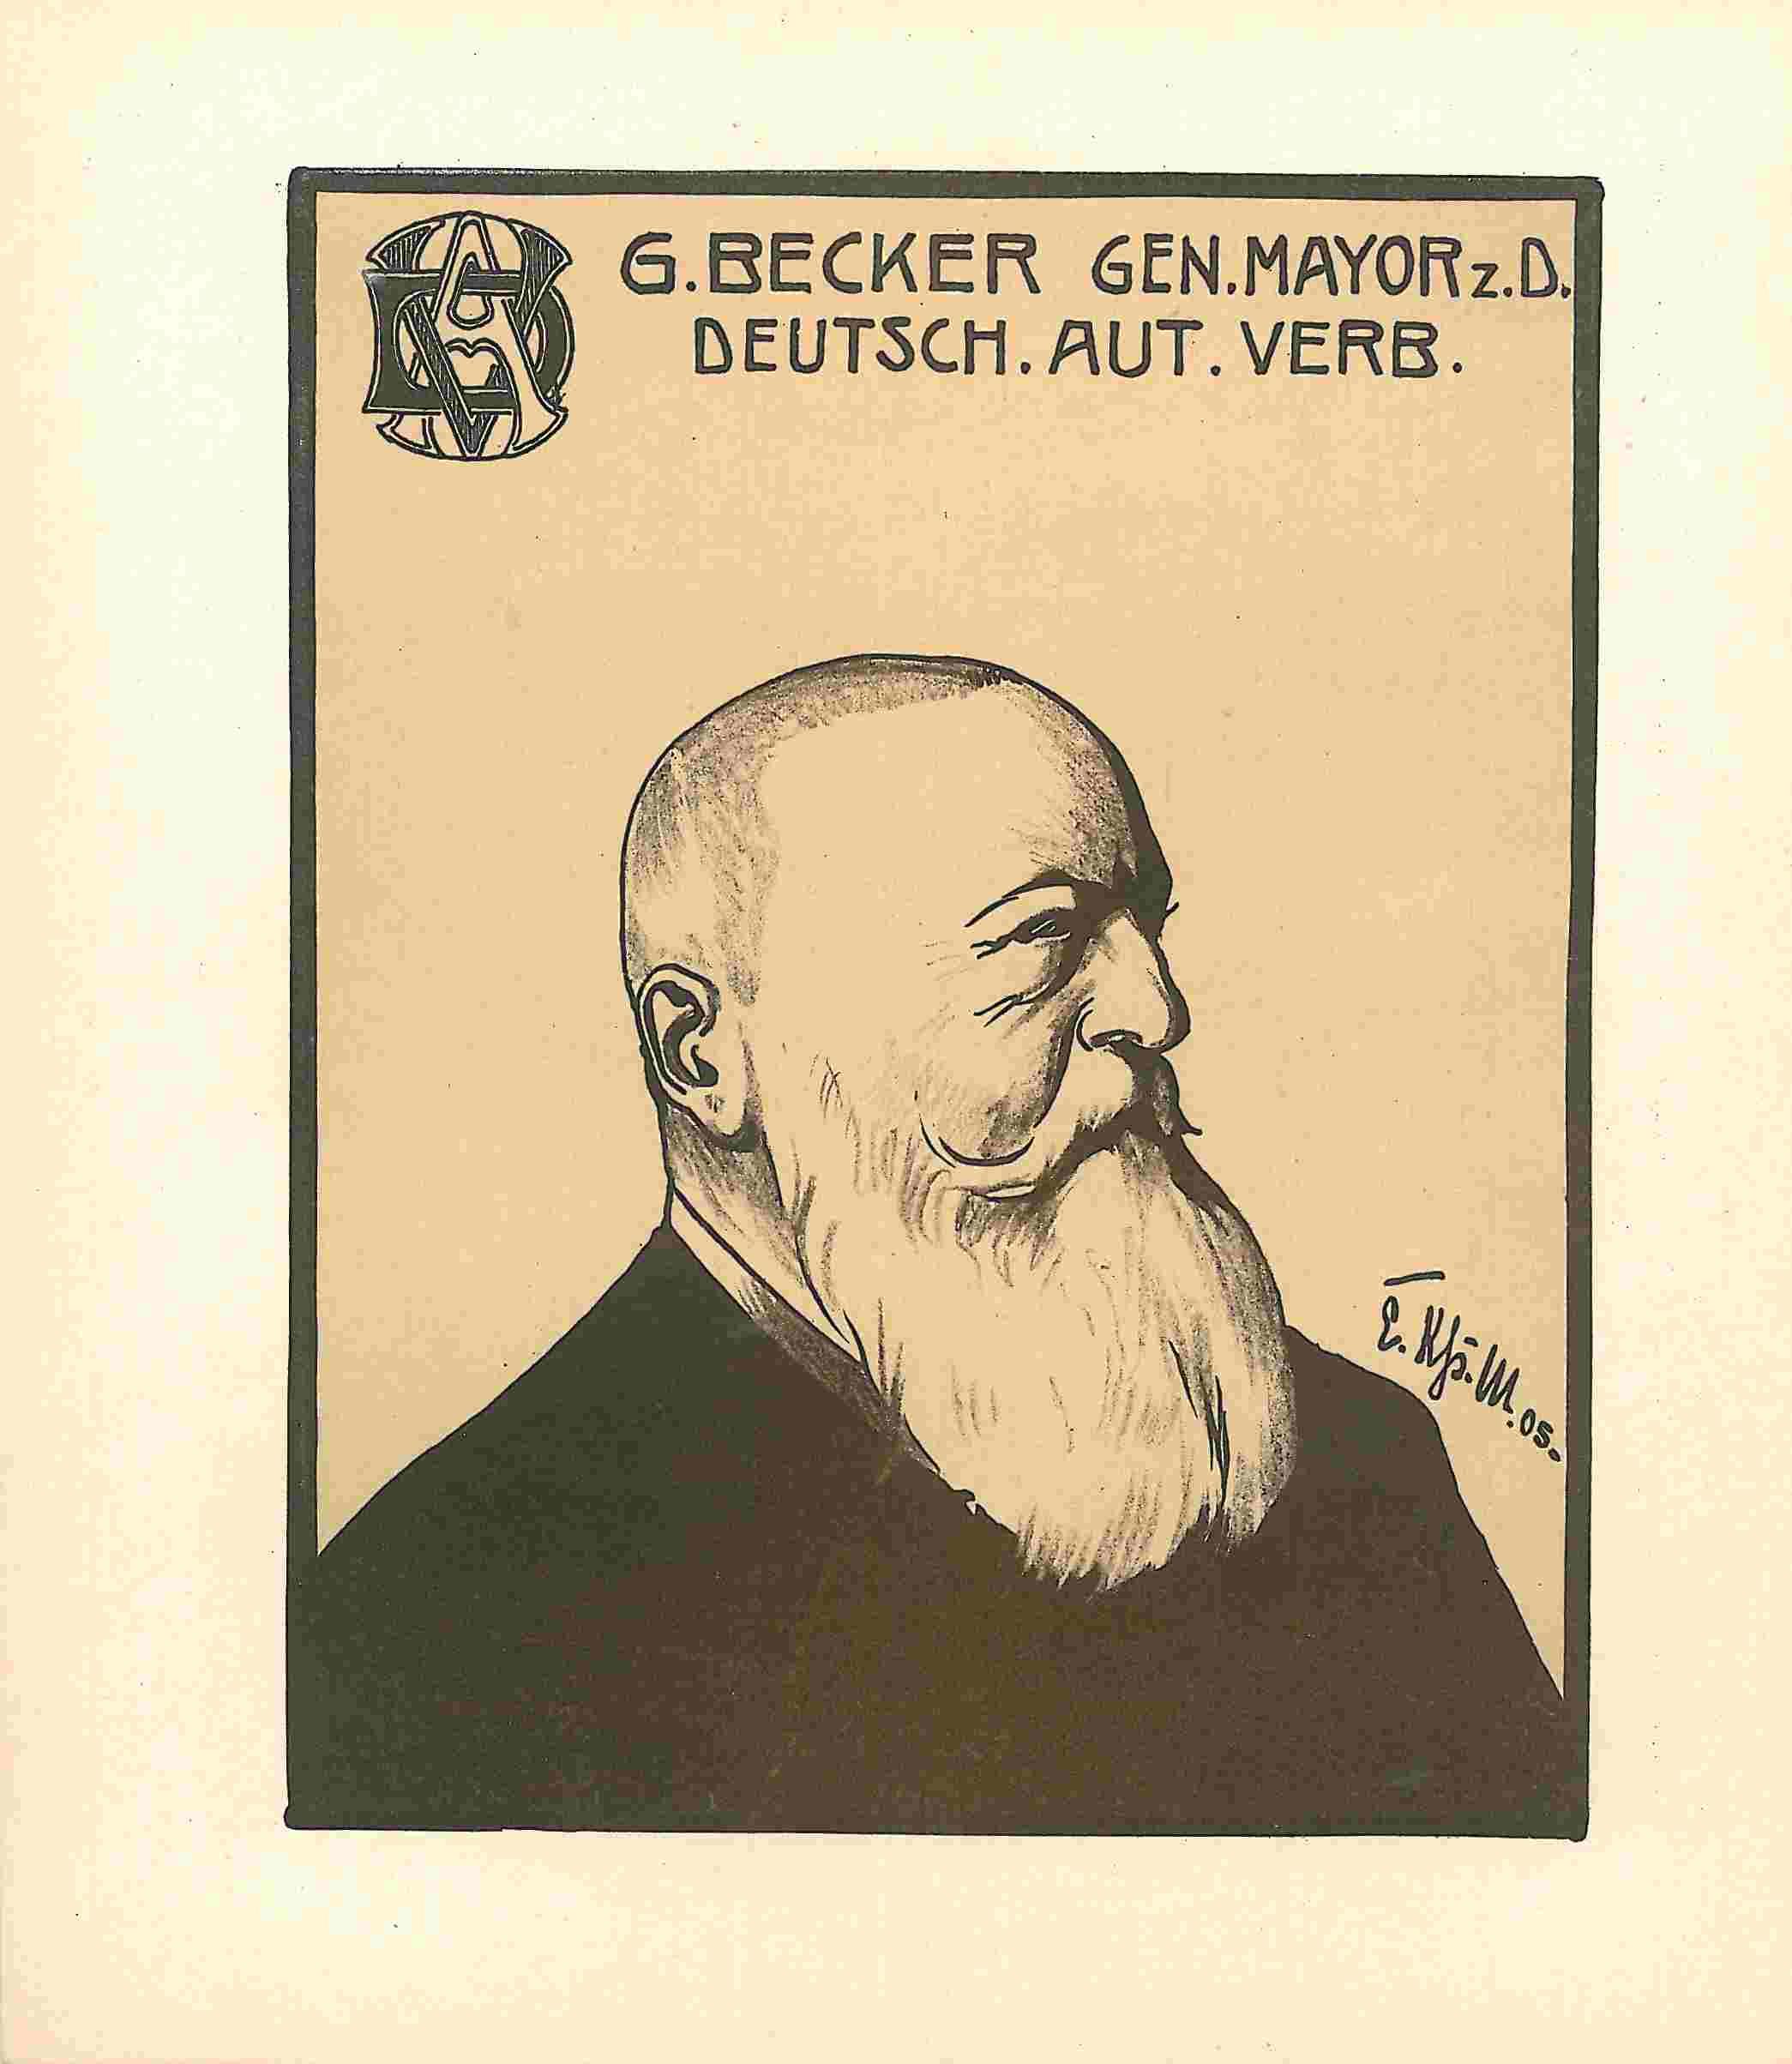 General Becker Deutscher Automobil-Verband